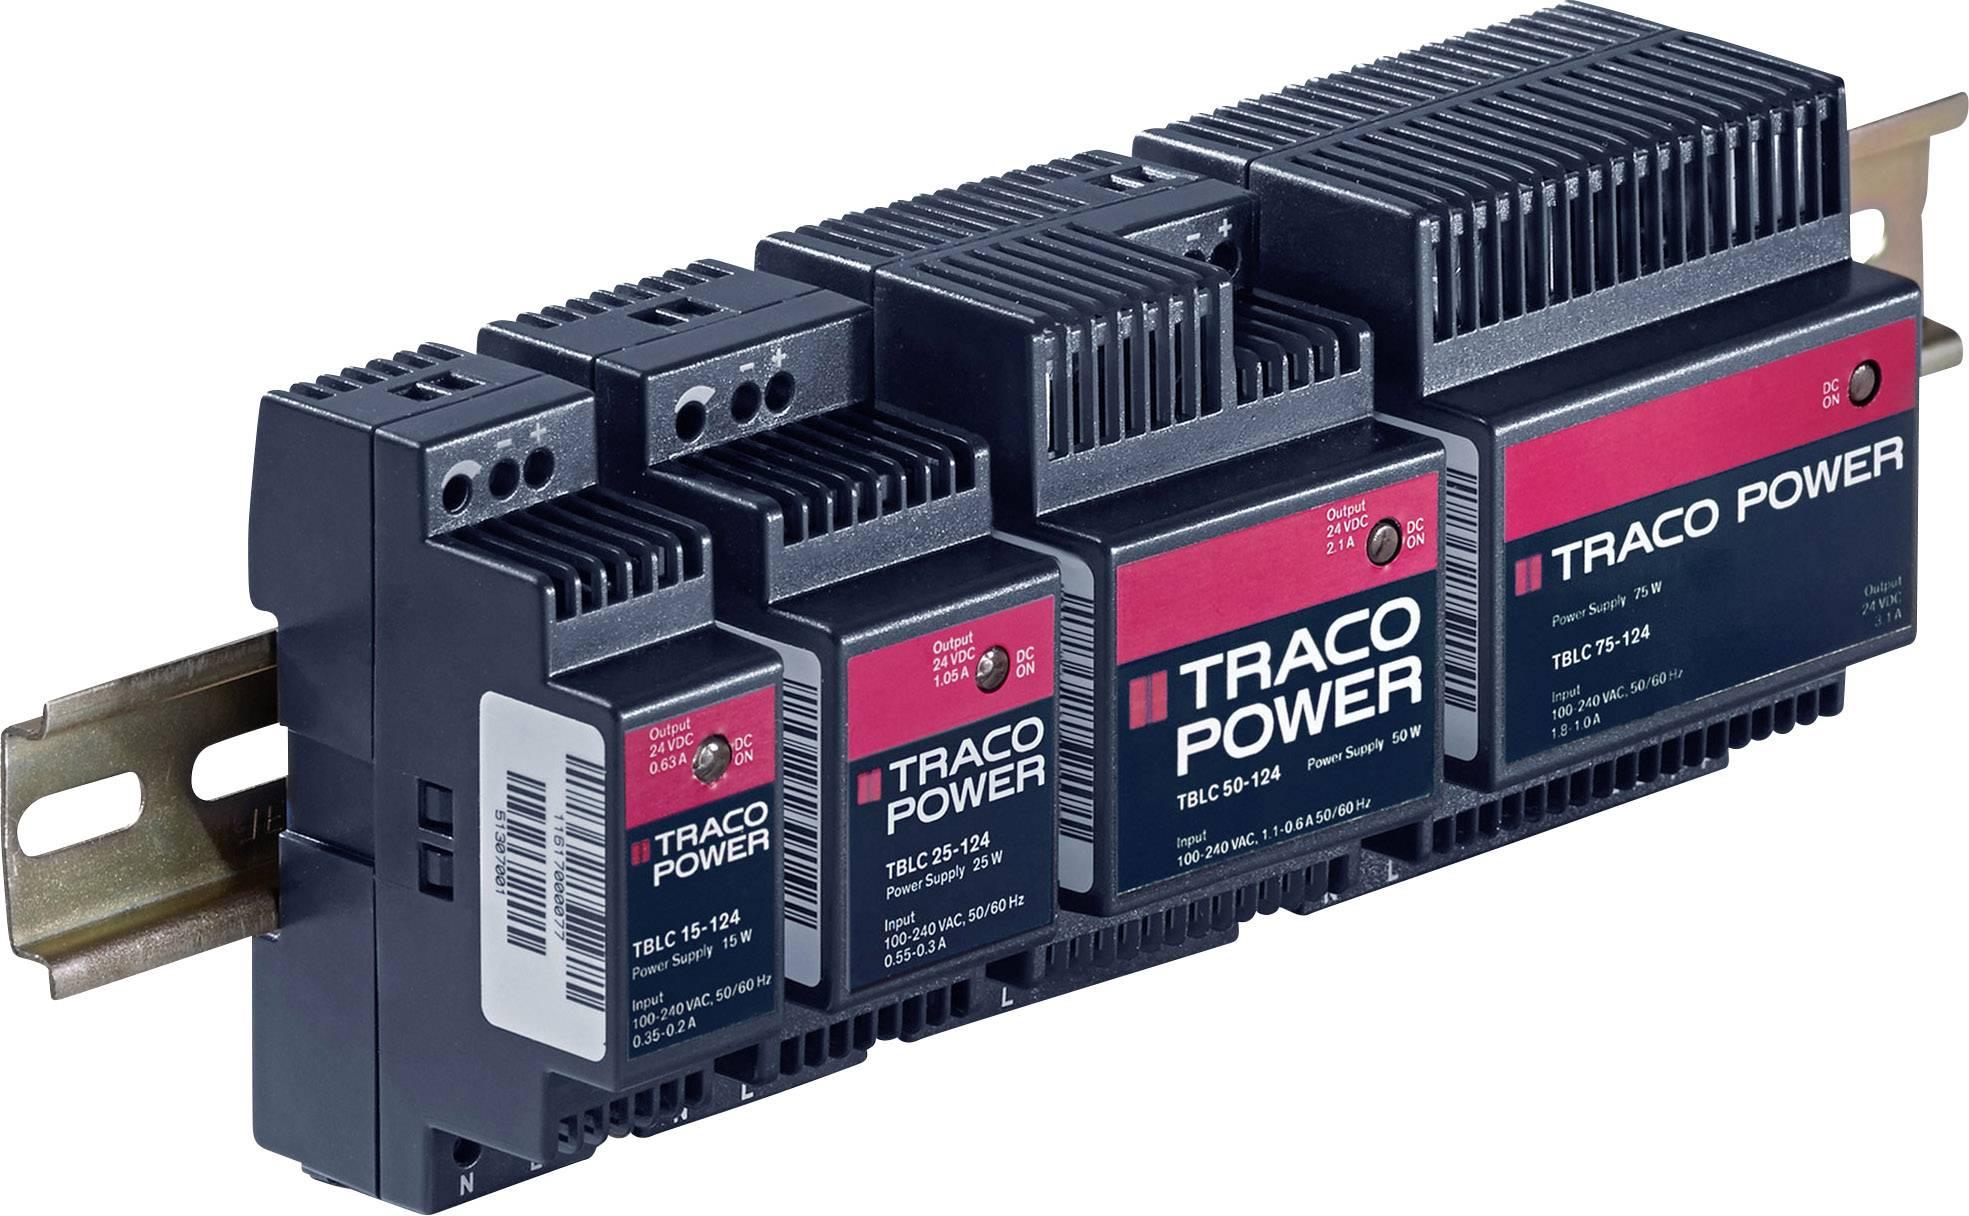 Síťový zdroj na DIN lištu TracoPower TBLC 15-105, +5.5 V/DC, 2400 mA, 15 W